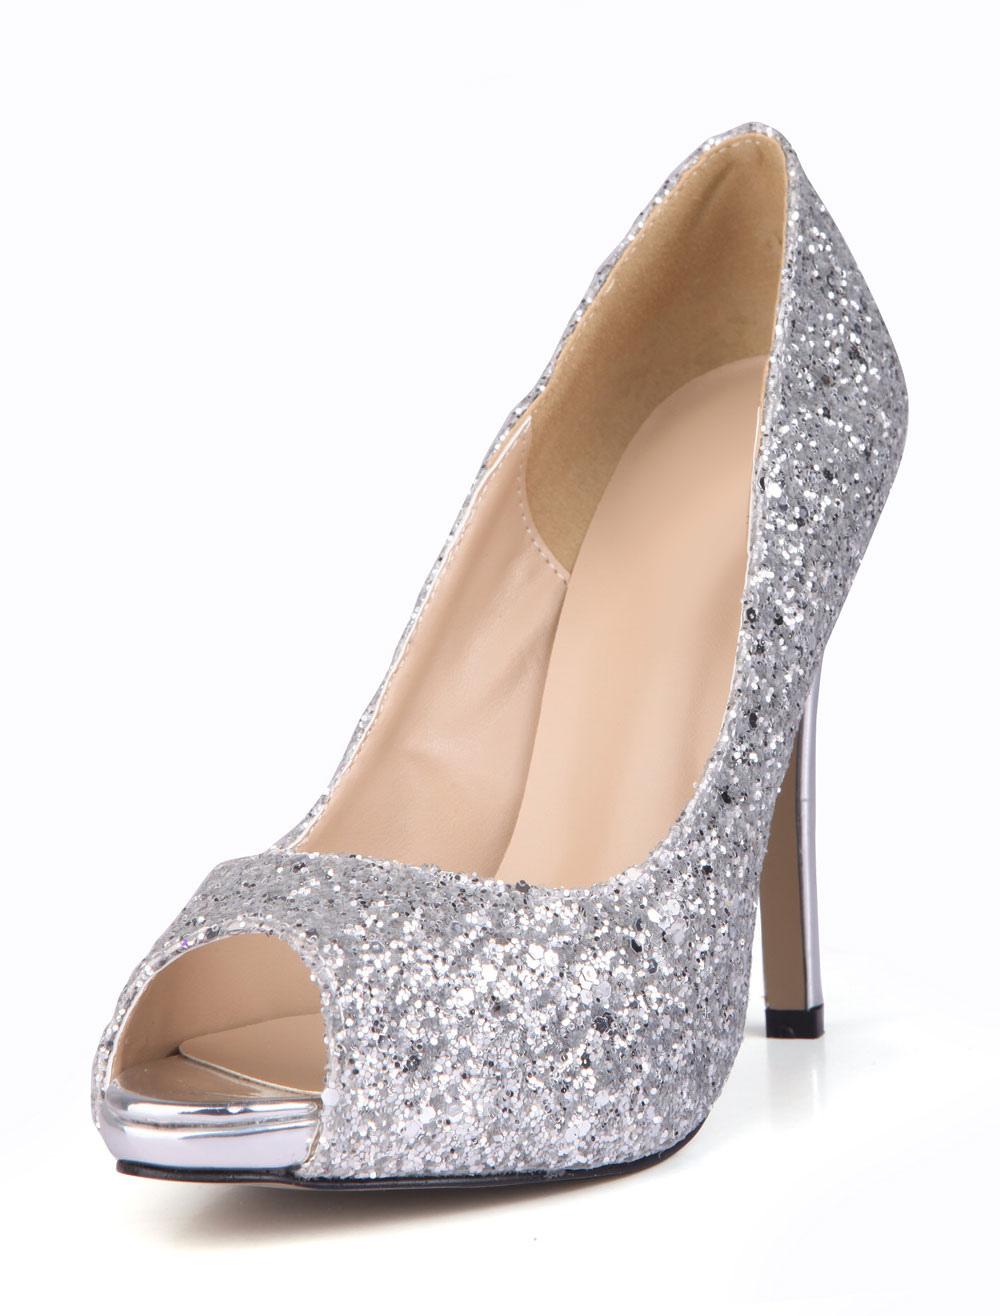 Zapatos Glitter Peep tacones de aguja con lentejuelas EdyVDp4sB